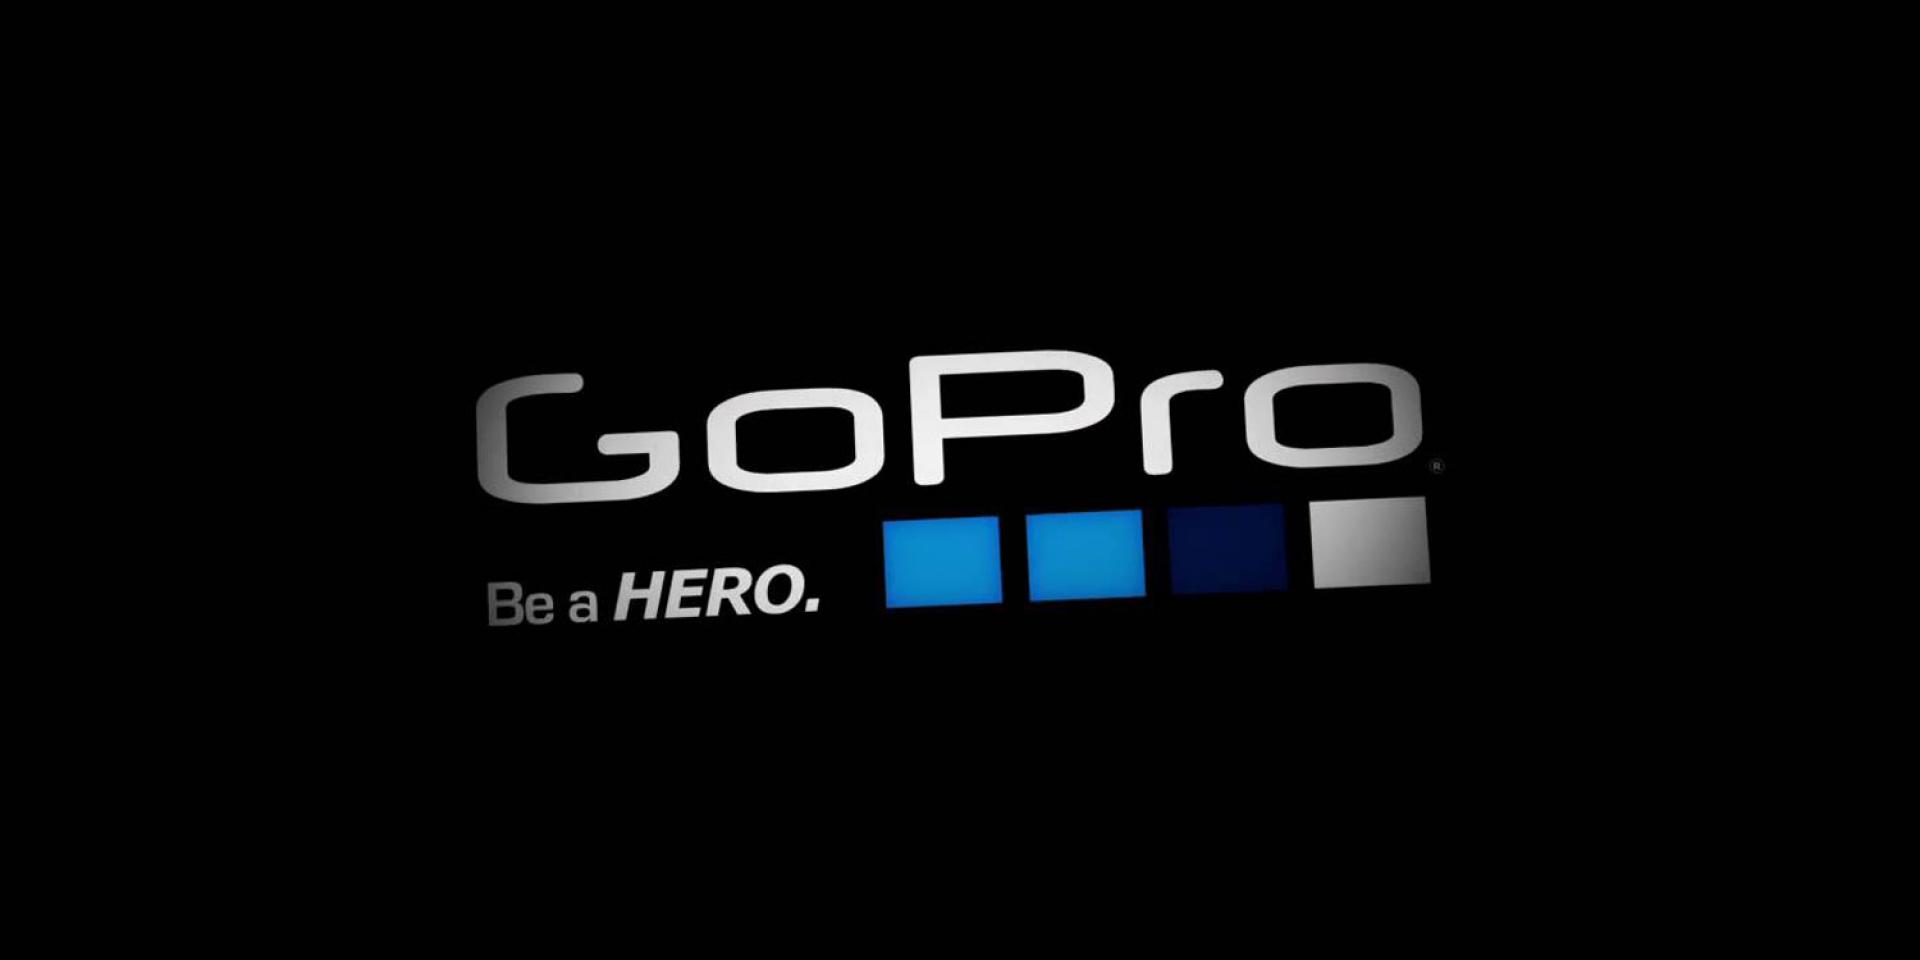 GoPro危機。砍掉空拍機部門,裁員兩成還要賣公司